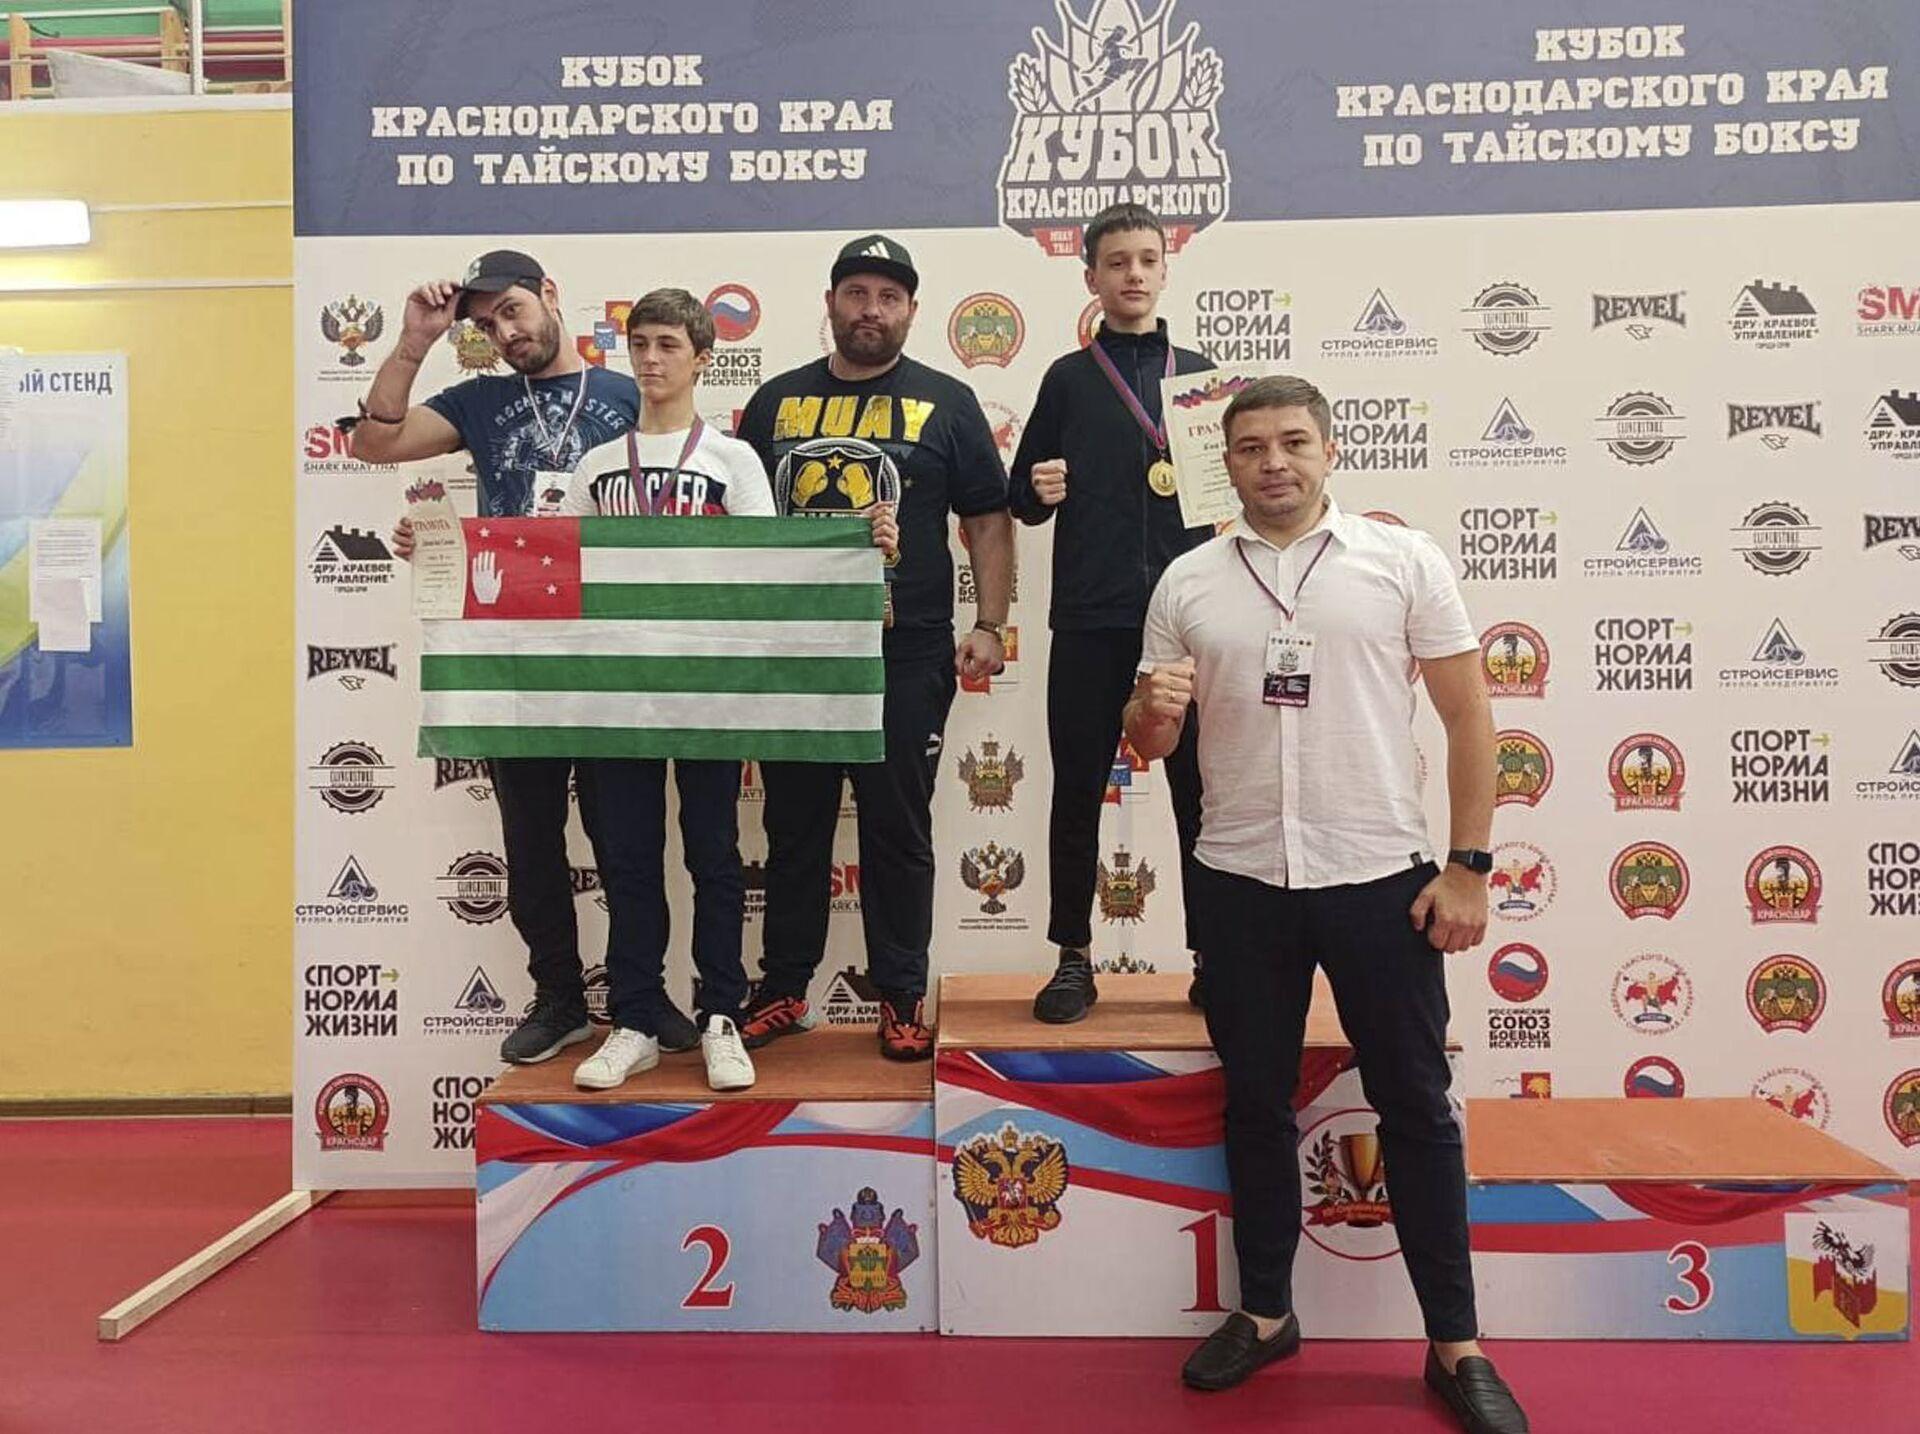 Сборная Абхазии по тайскому боксу заняла третье место на «Кубке Краснодарского края» - Sputnik Аҧсны, 1920, 12.10.2021